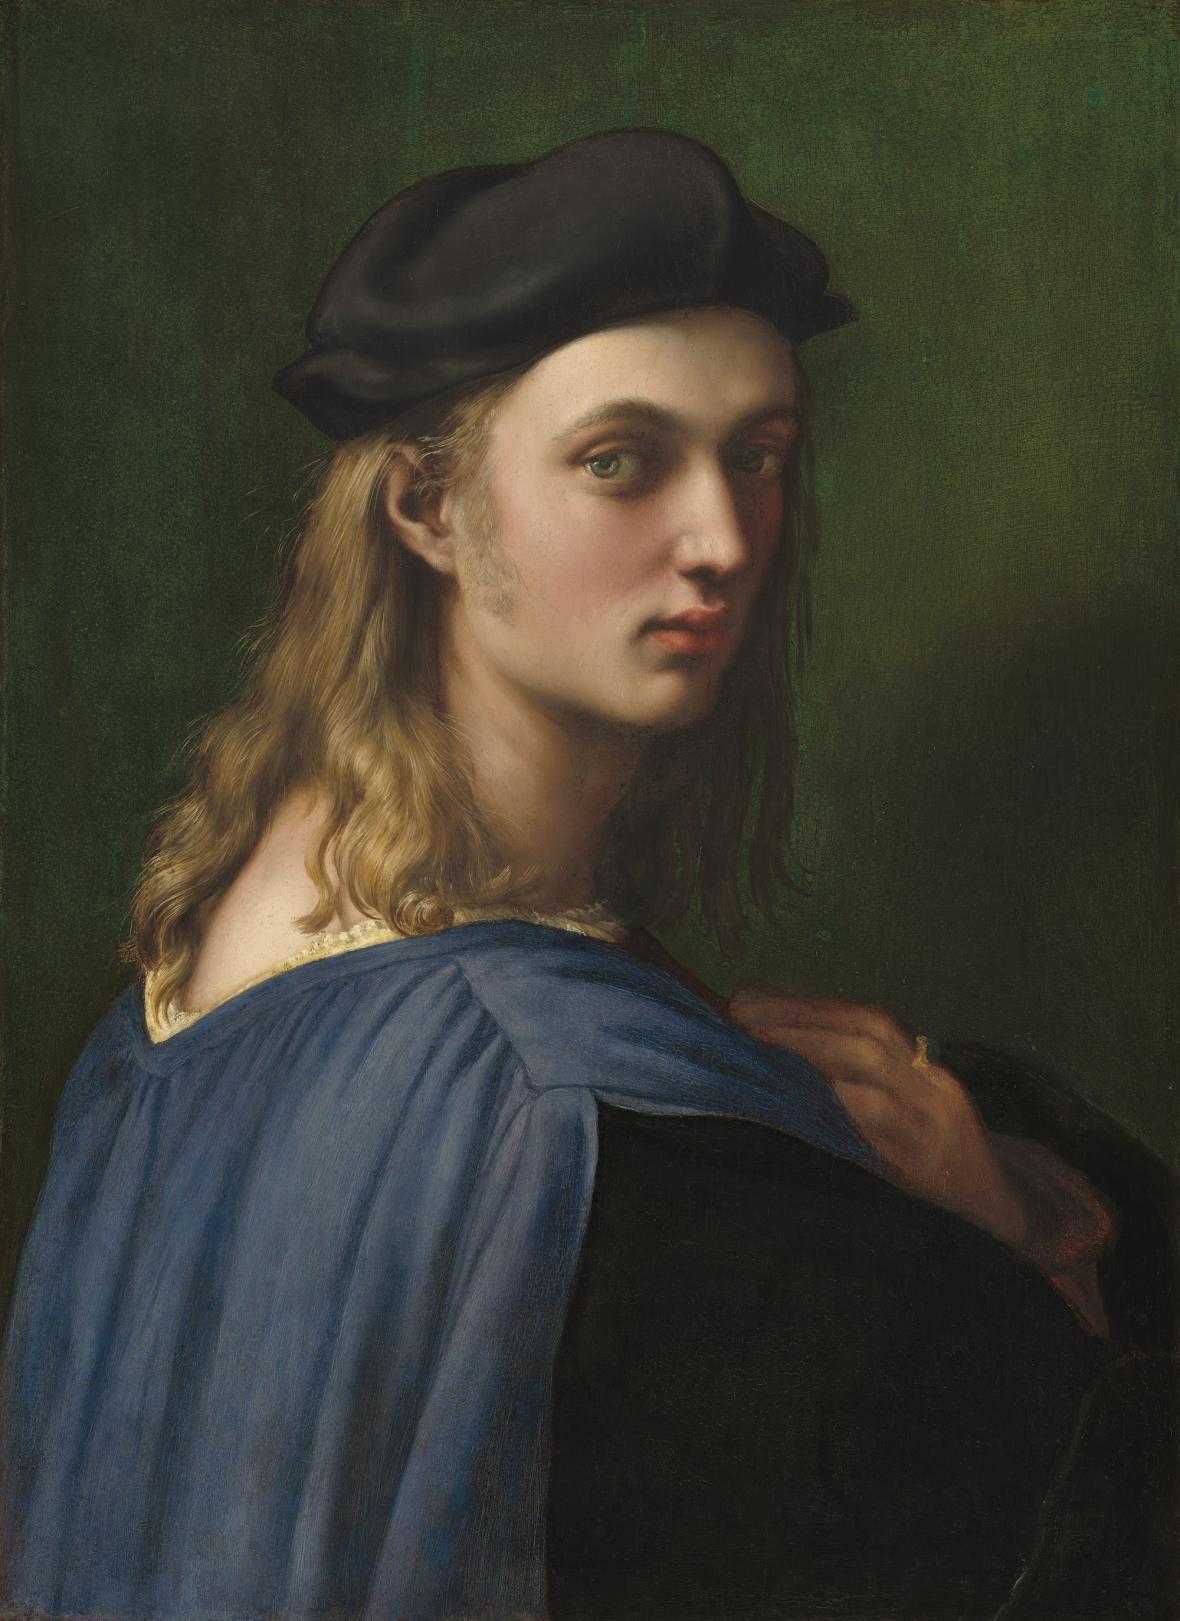 Raffael / Portrét bankéře Binda Altovitiho, přibližně 1514-15